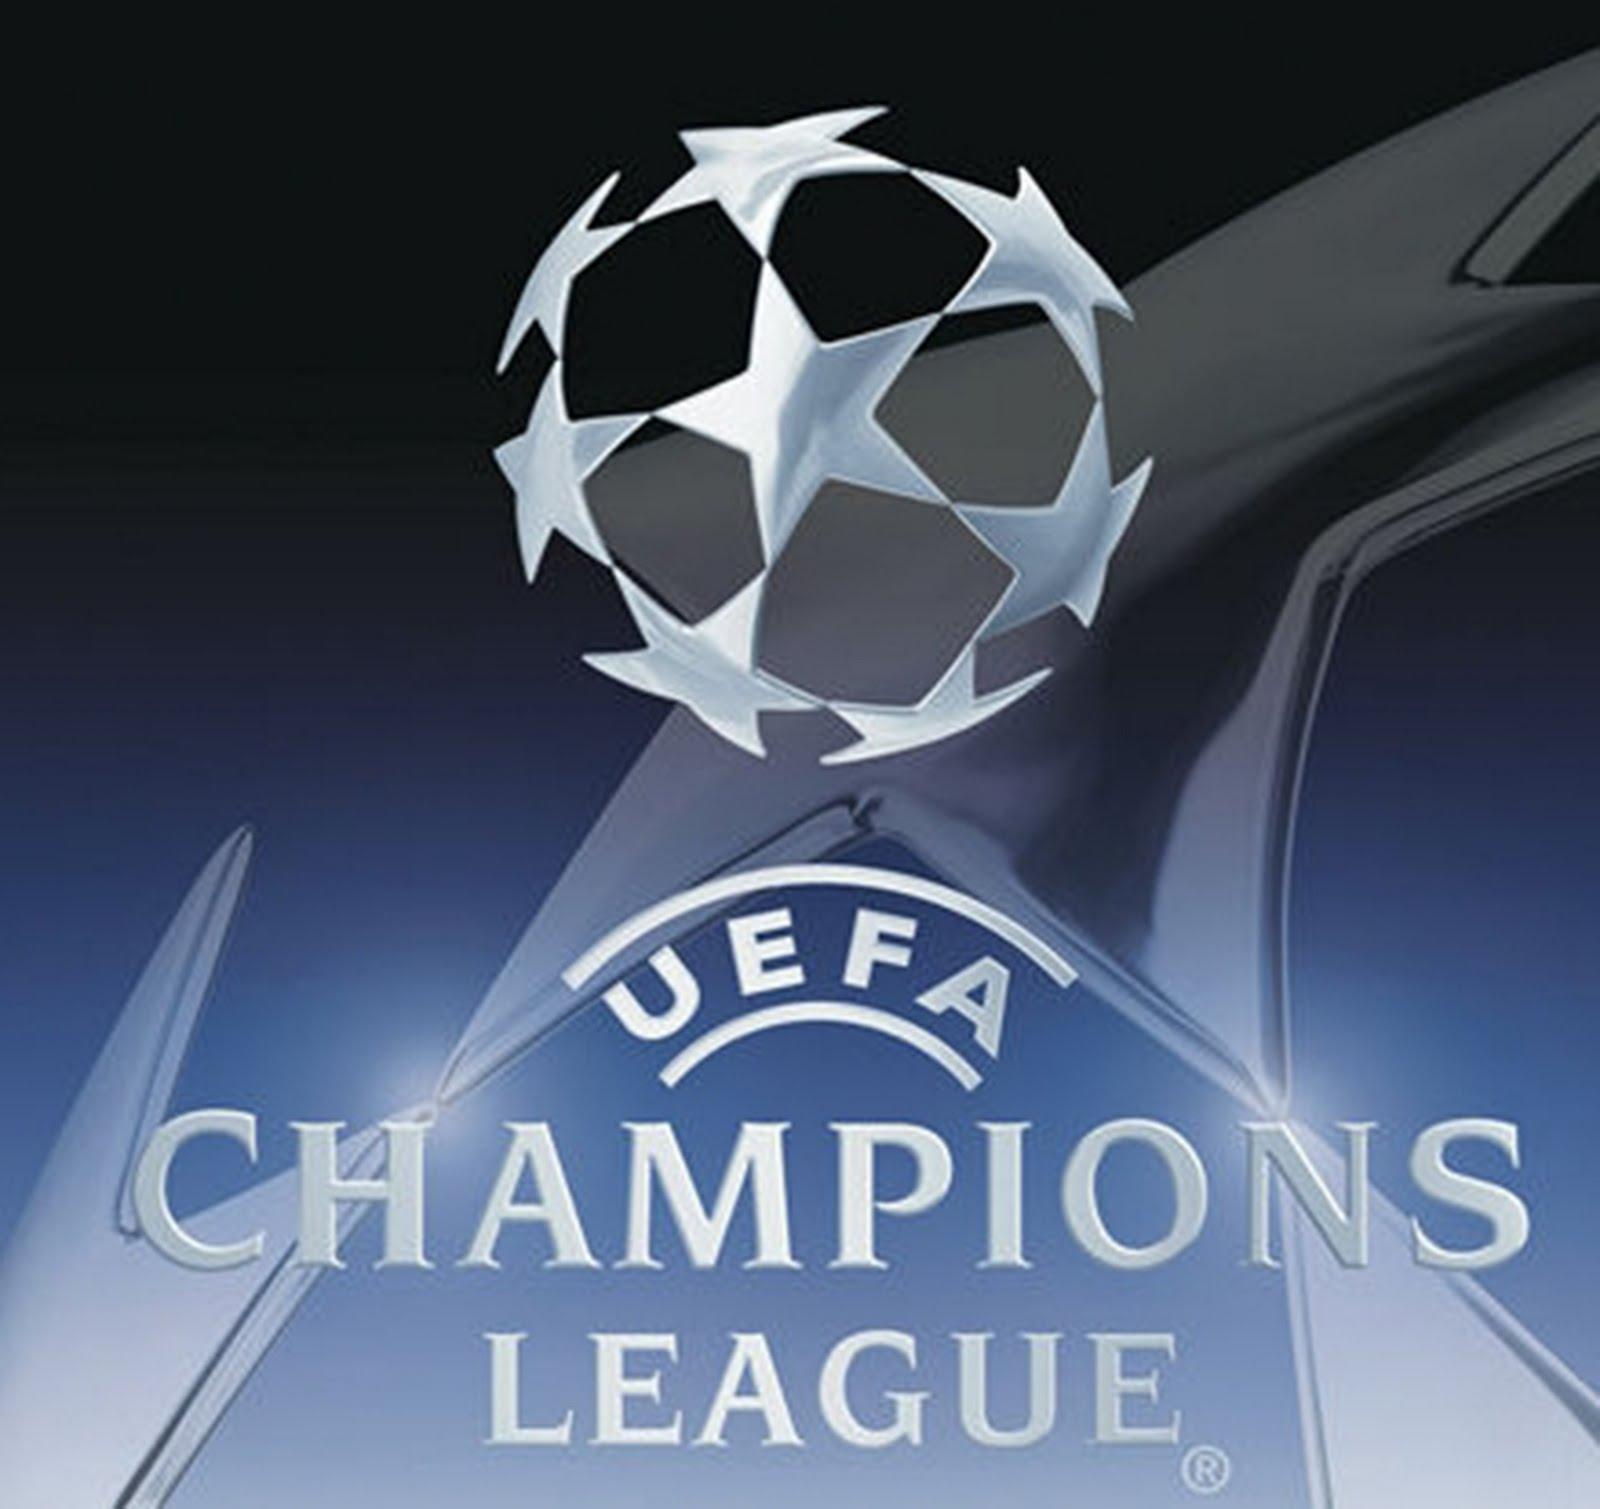 http://1.bp.blogspot.com/-Ocsd7ZfC2ME/TiBFs8DiWJI/AAAAAAAAAXE/9ij54dxaKcw/s1600/Champions-League-Logo.jpg